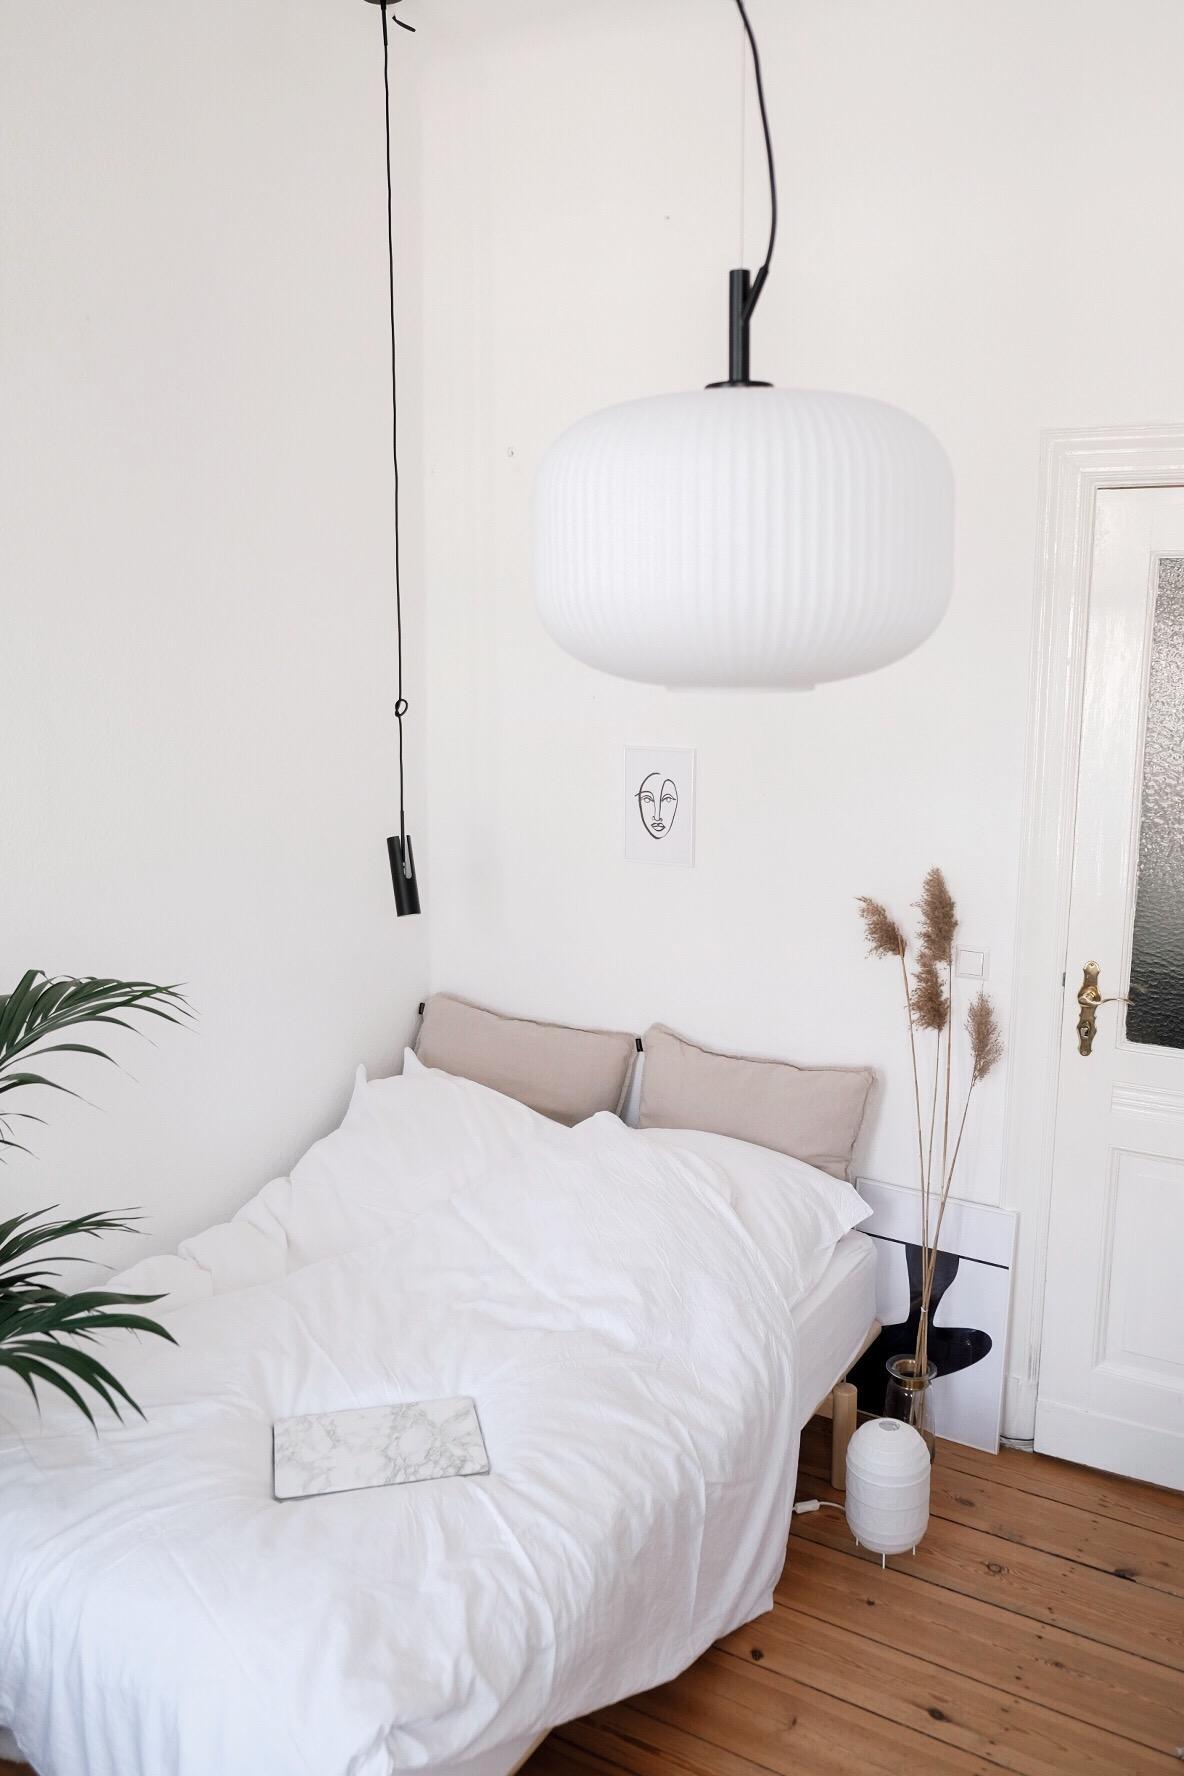 Full Size of Schlafzimmer Lampe Bedroom Deckenleuchte Bett Bad Lampen Deckenlampen Wohnzimmer Deckenleuchten Wandlampe Kommode Weiß Fototapete Massivholz Deckenlampe Schlafzimmer Schlafzimmer Lampe